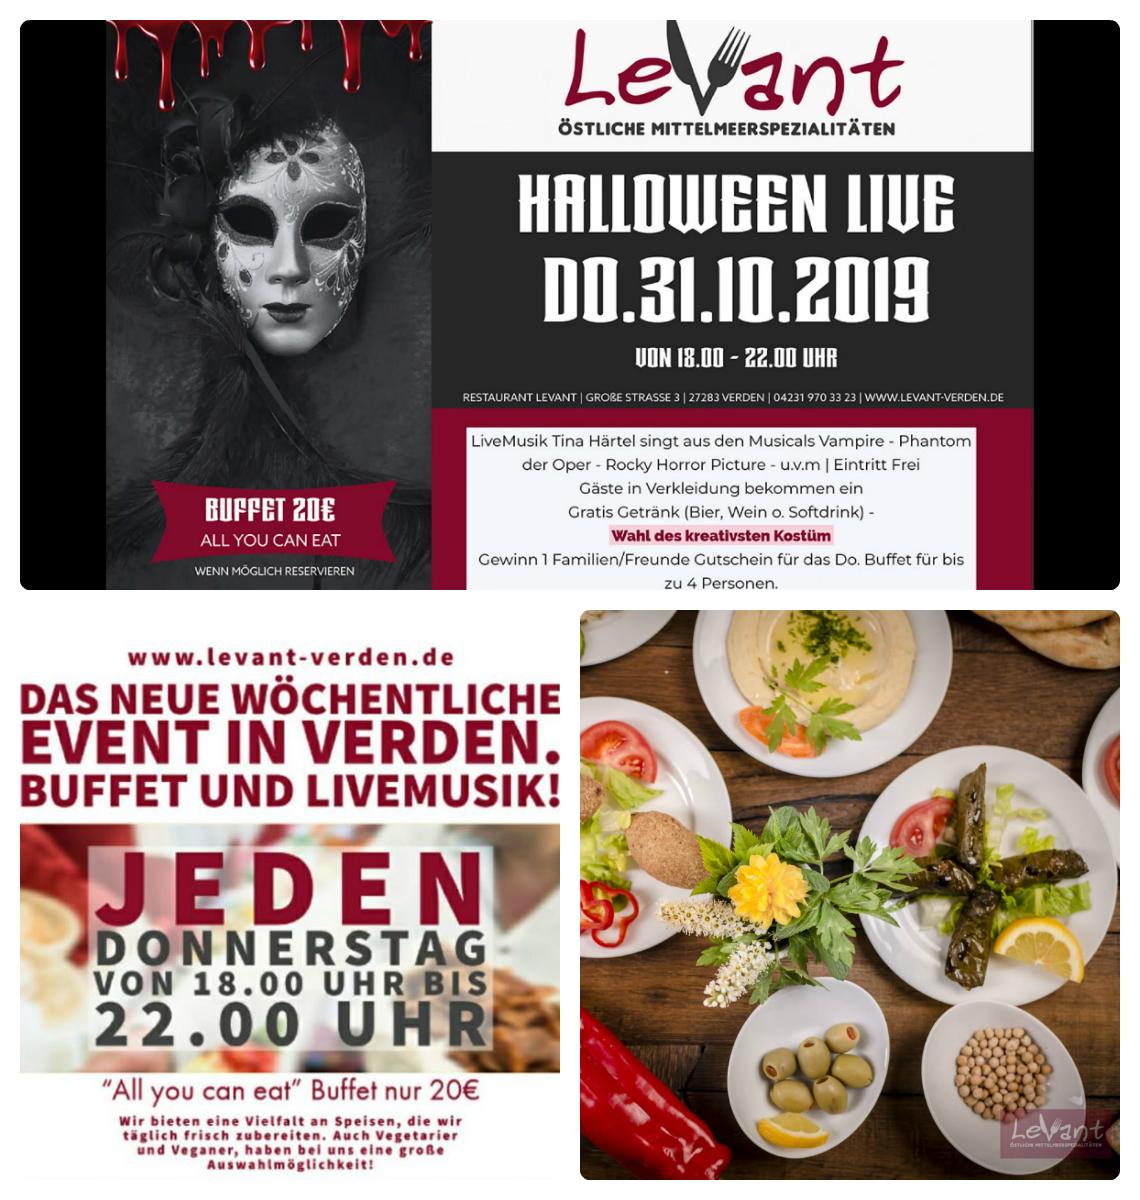 kulinarische Highlights in Niedersachsens Städten